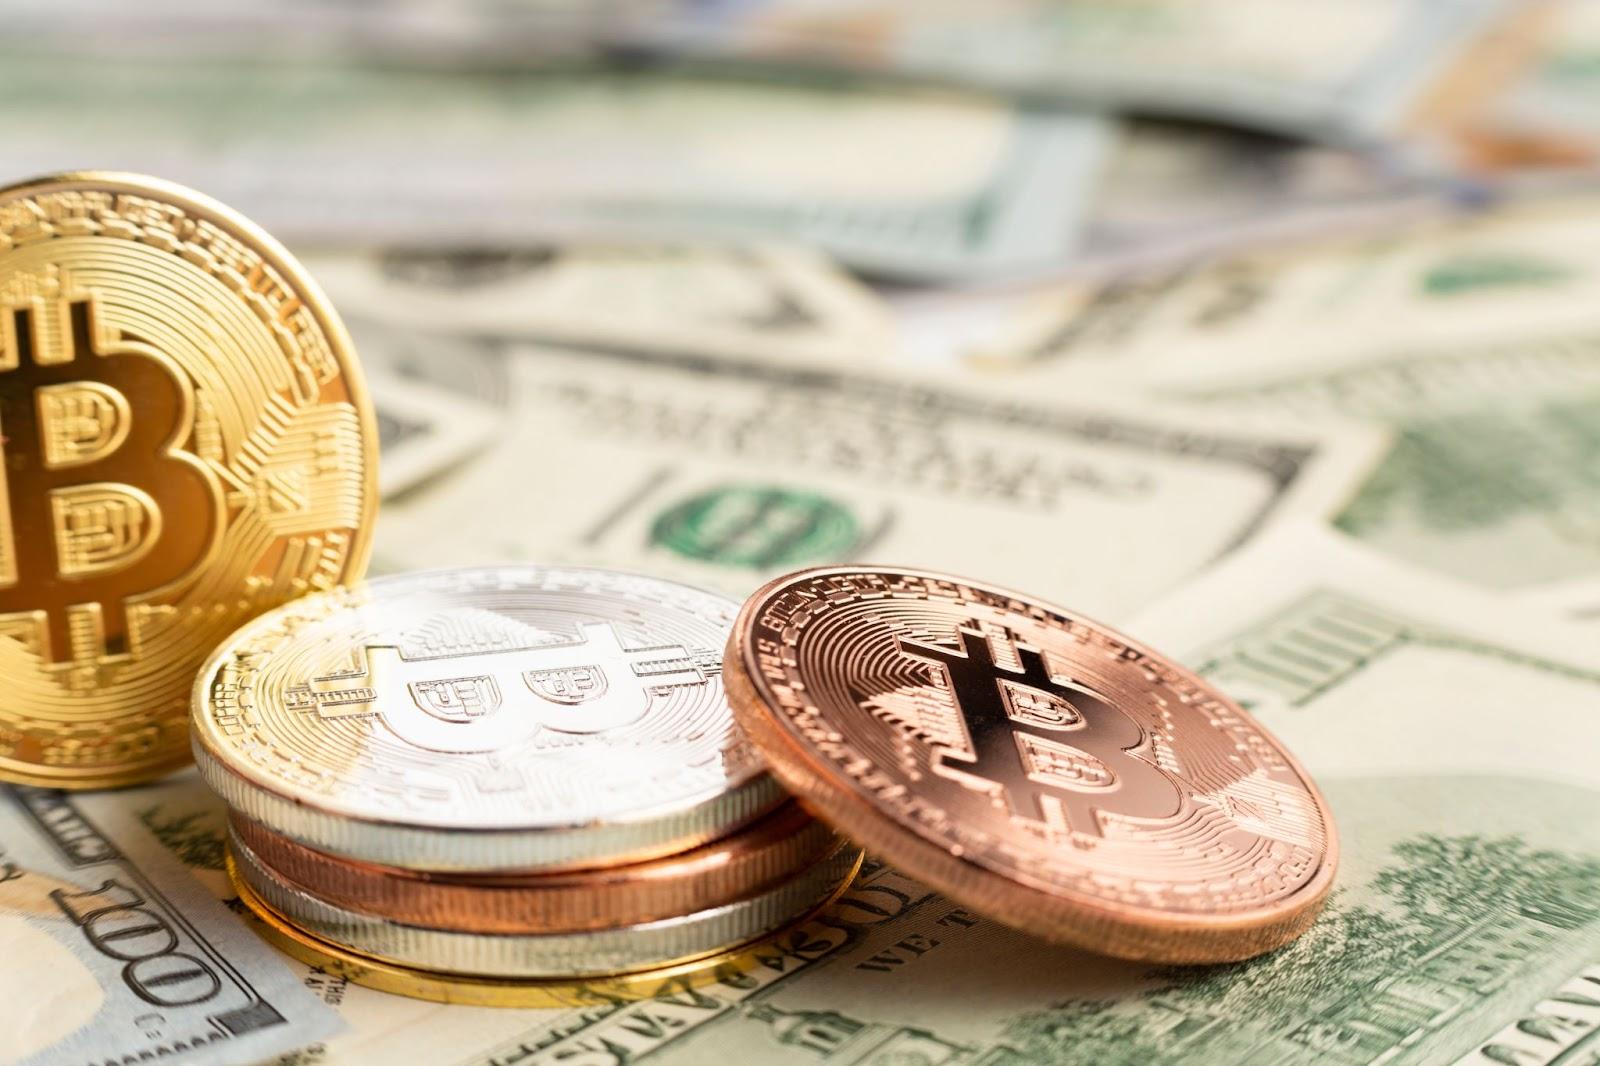 4 เว็บเทรดคริปโต Bitcoin รับรองโดย กลต. ไทยที่ไหนดี ปี 2564